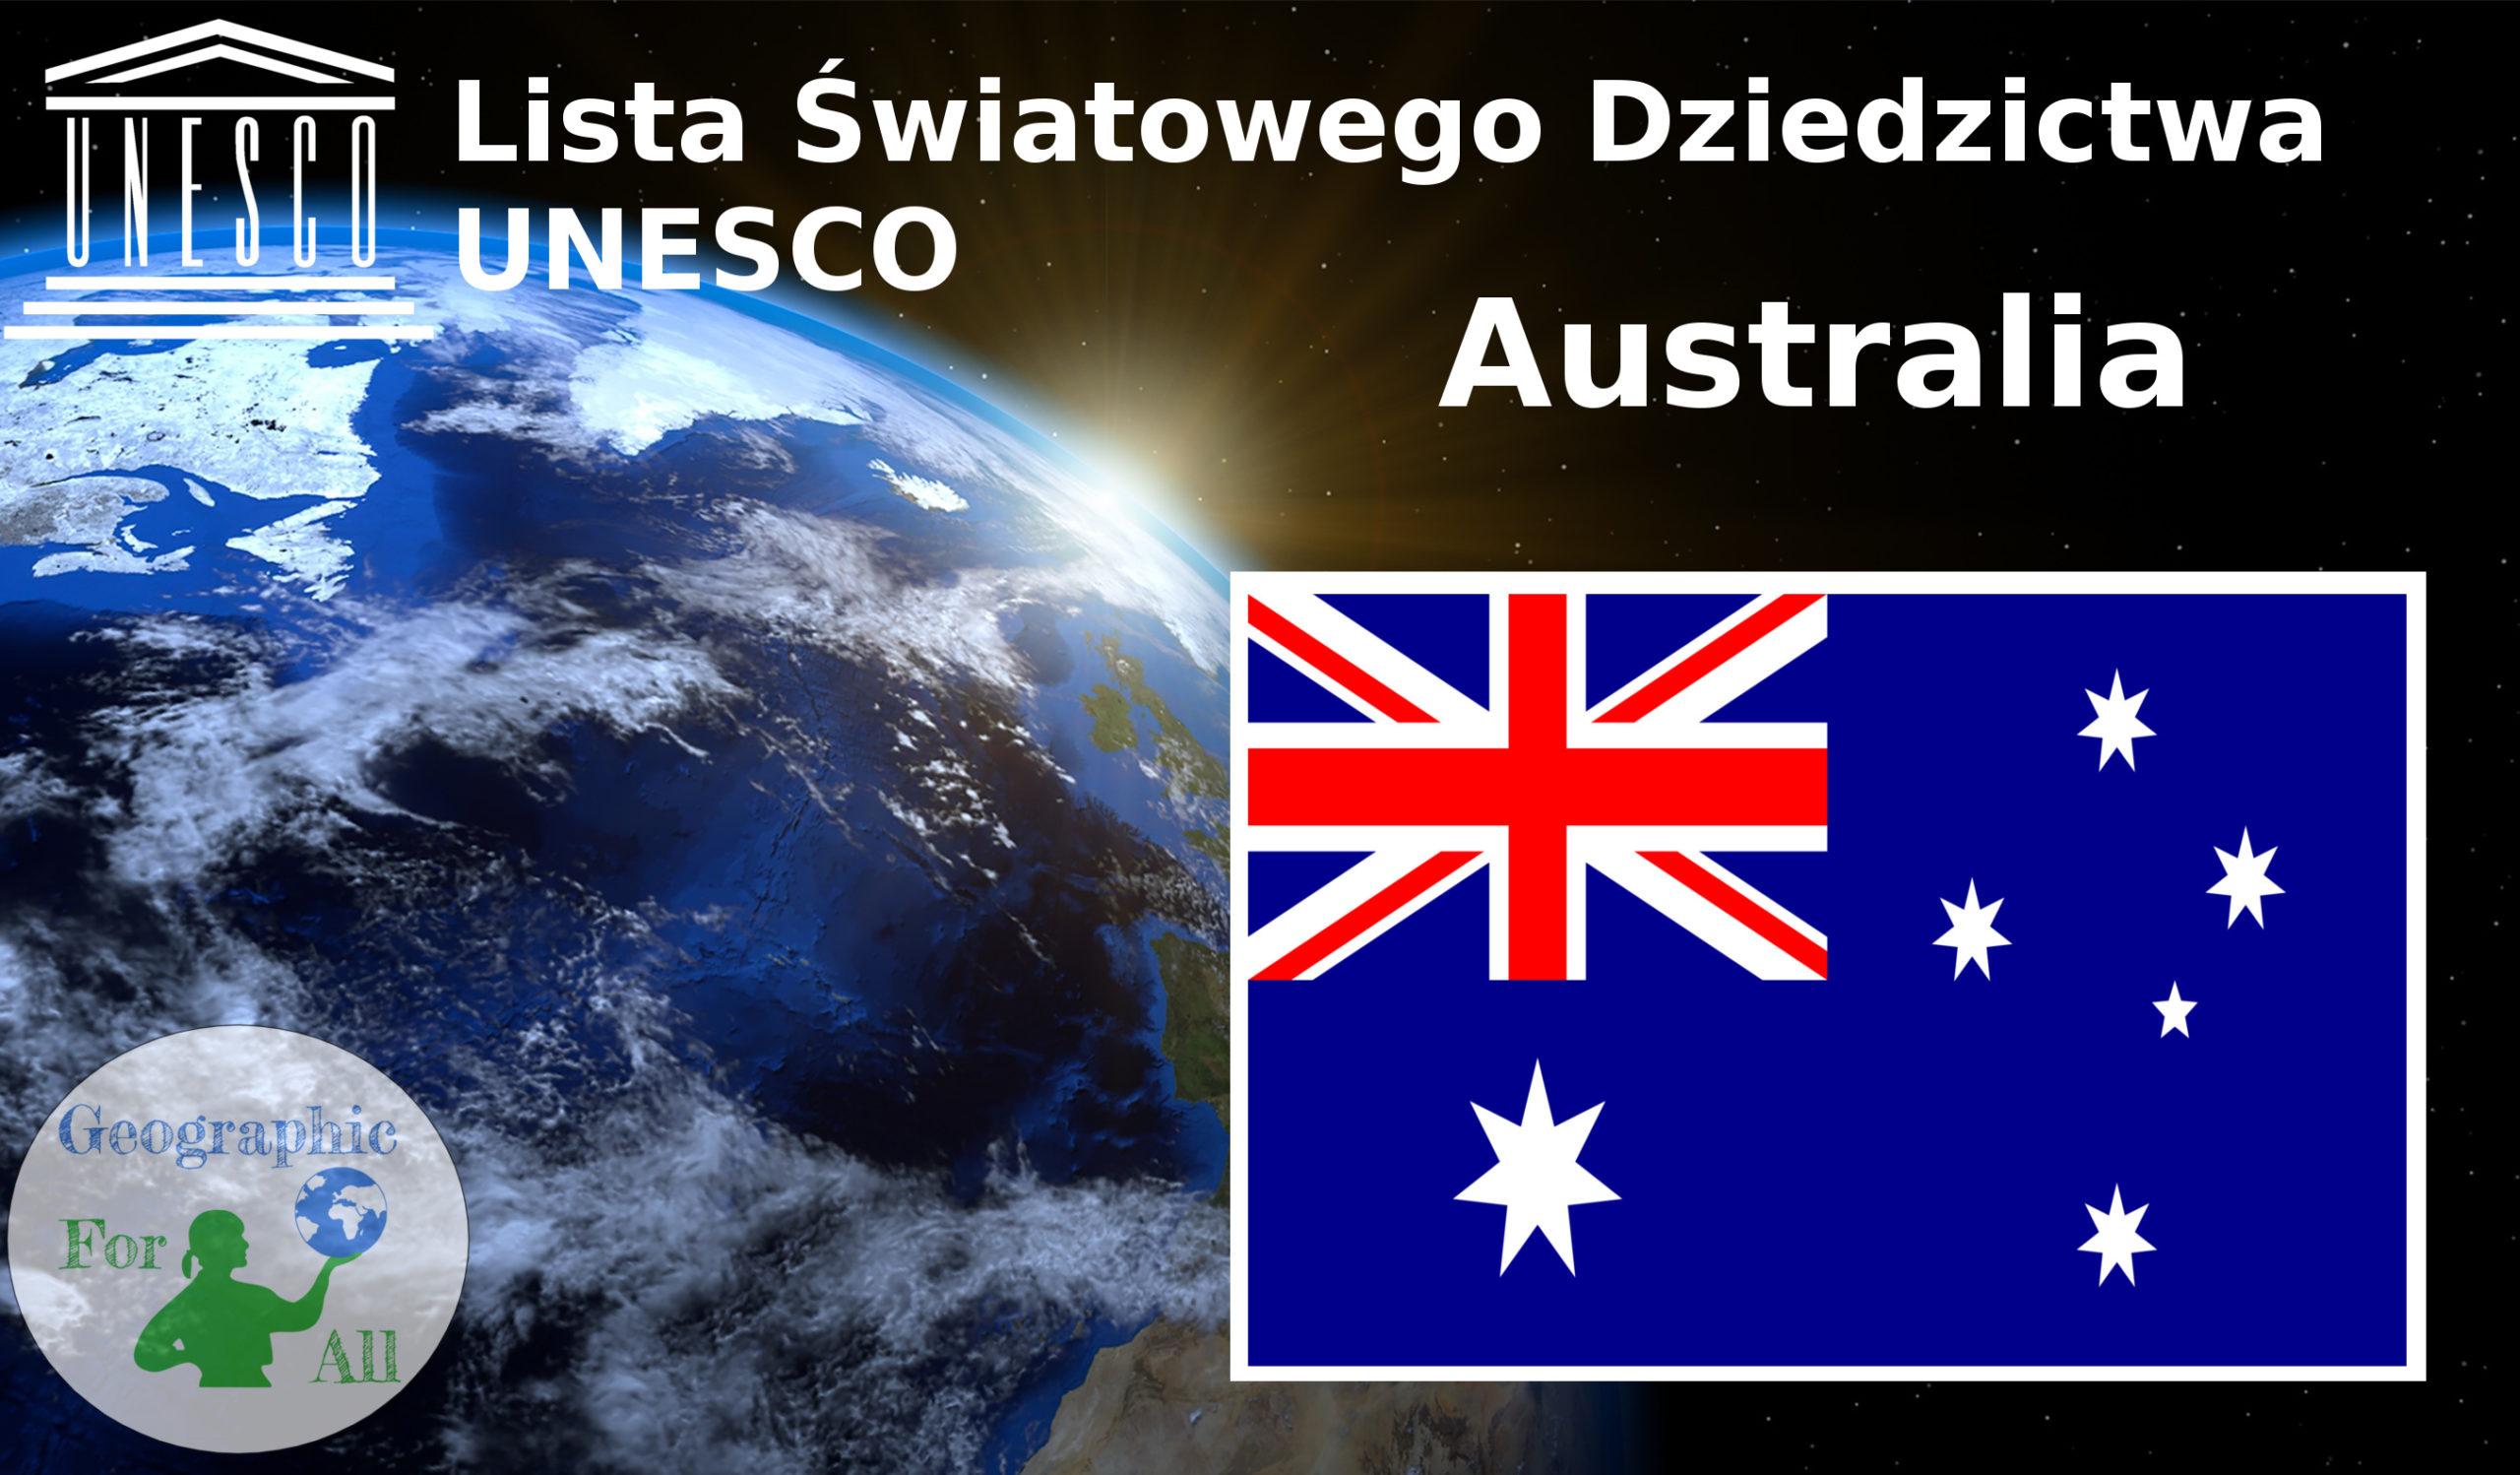 Lista Światowego Dziedzictwa UNESCO Australia